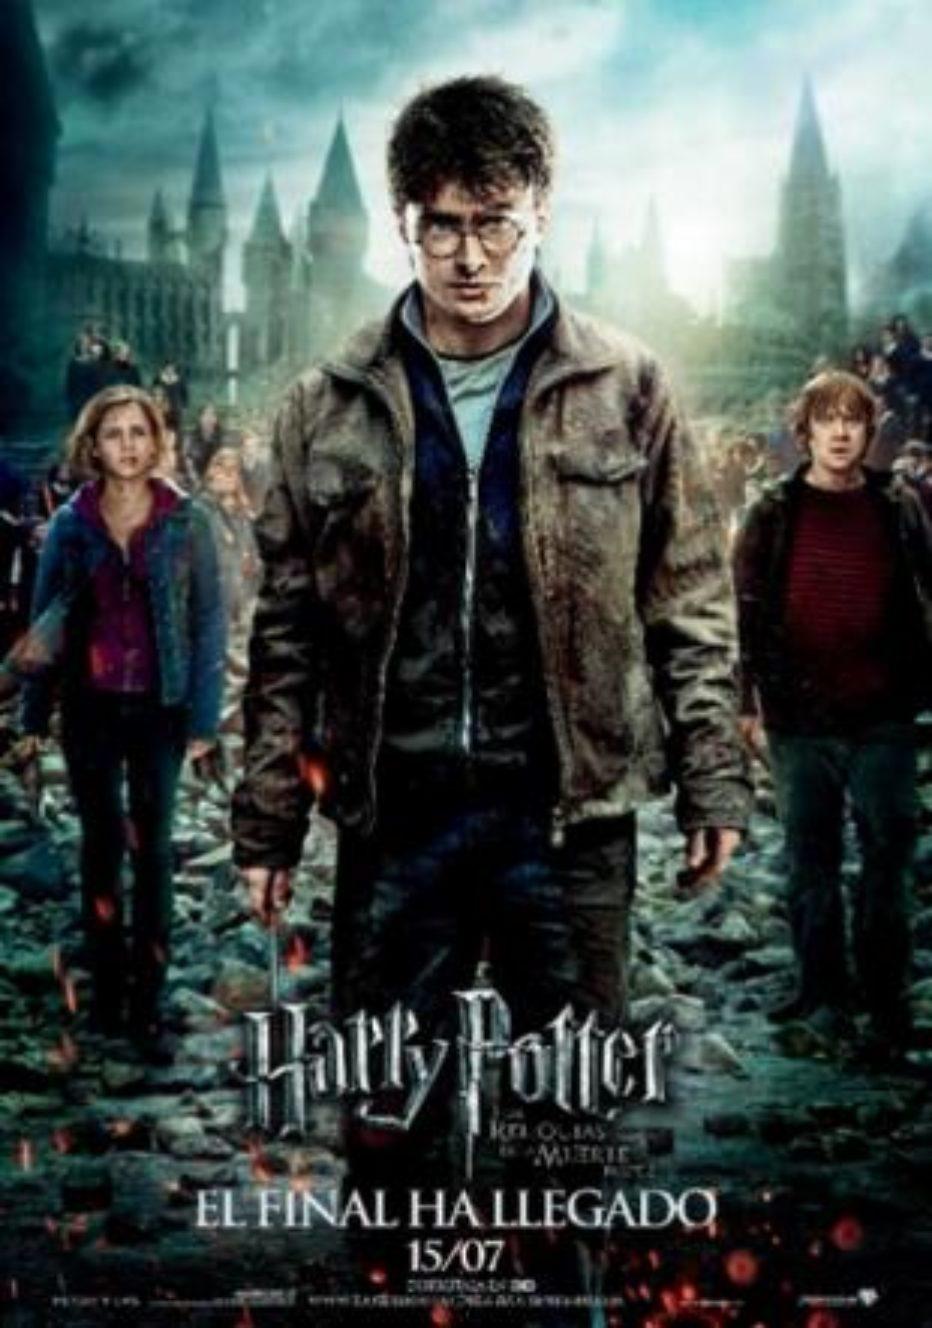 Harry Potter y las Relíquias de la Muerte: Último tren a Hogwarts